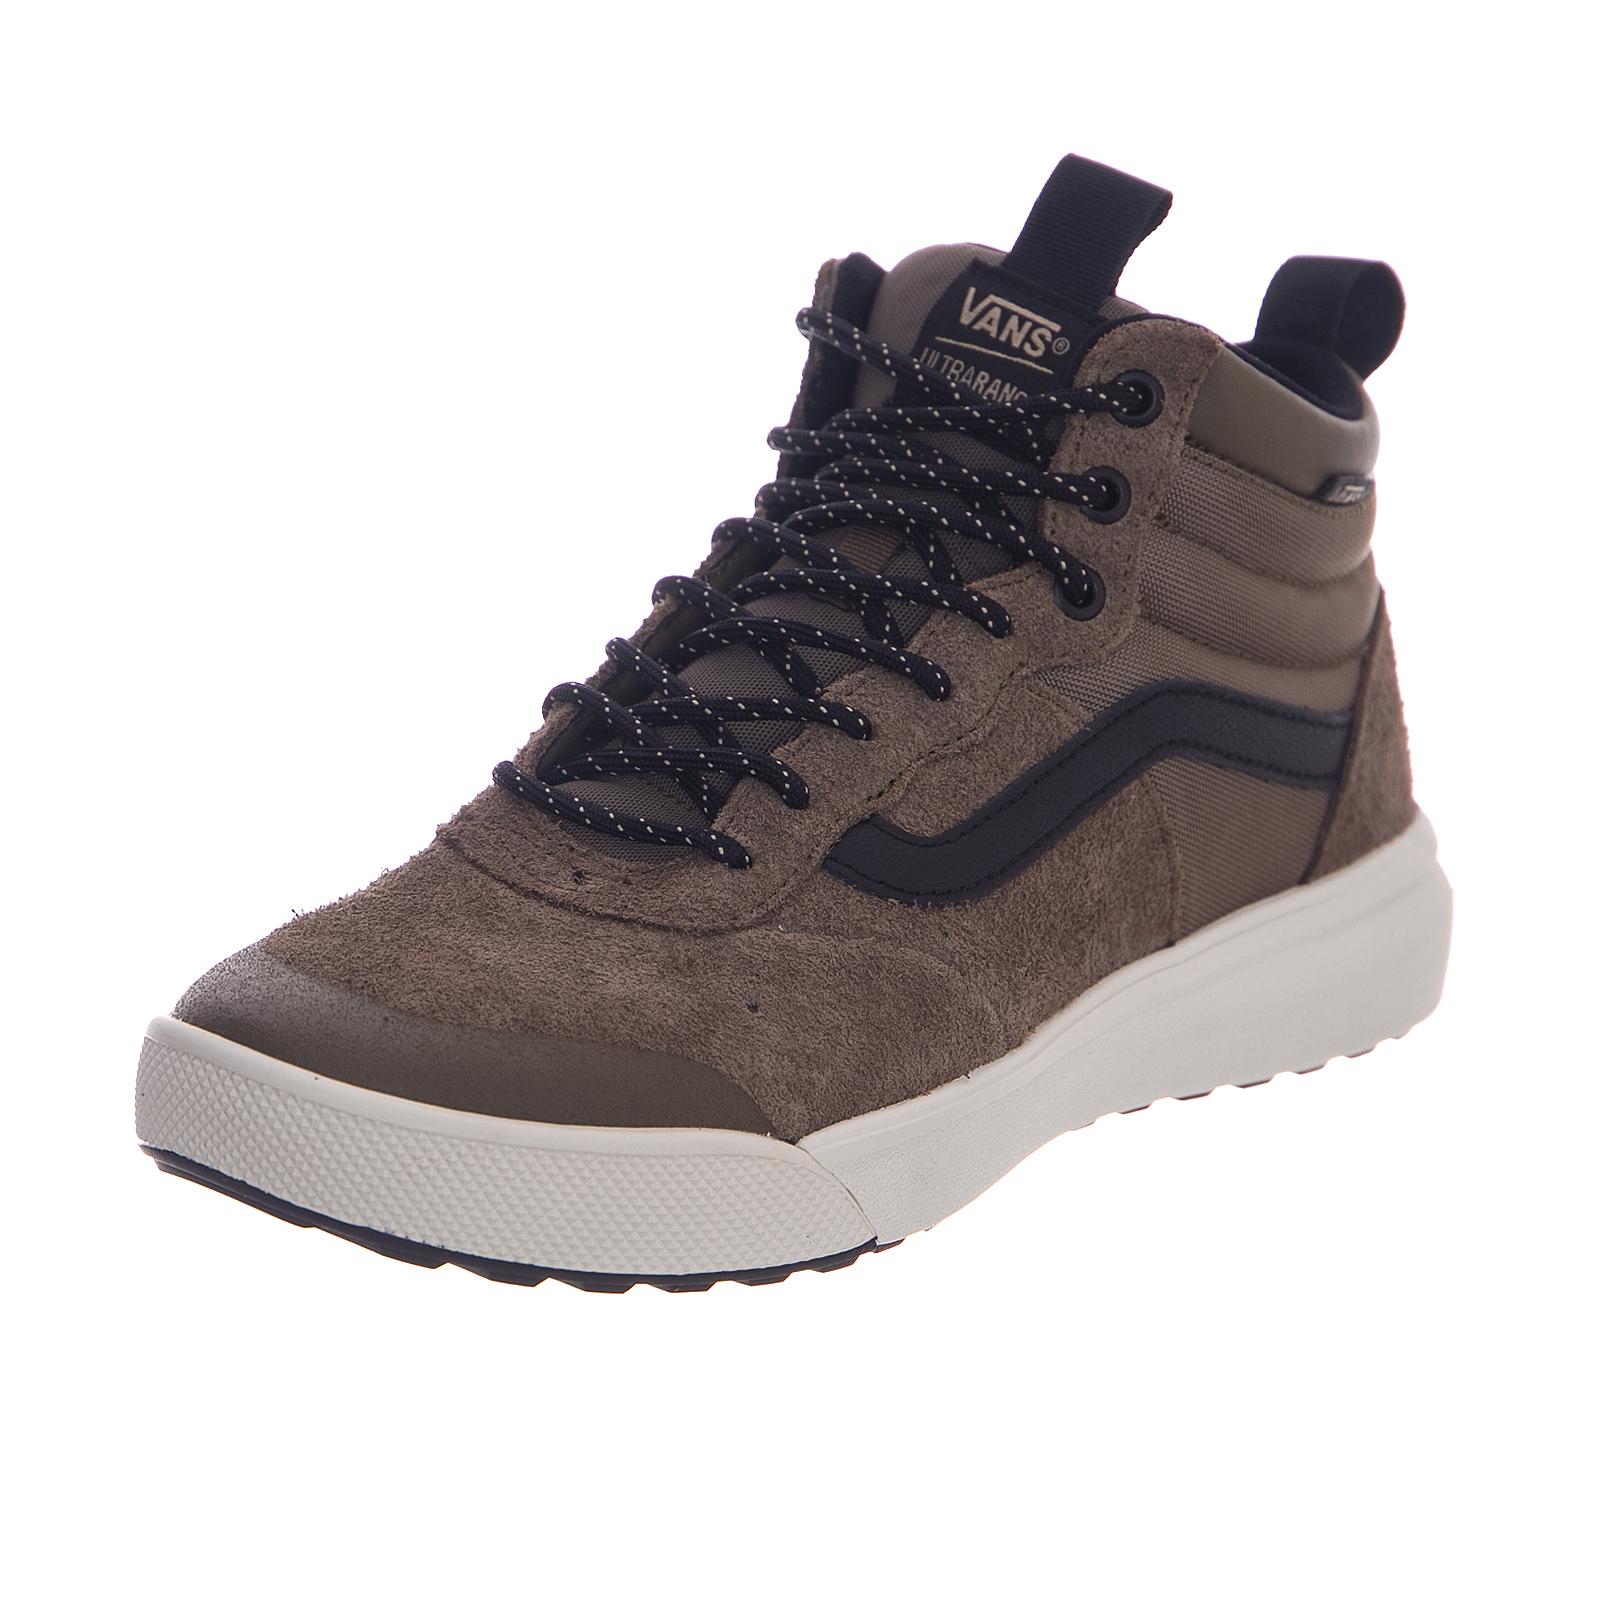 259d713eb Vans zapatillas de deporte U Ultrarange Hola Cub malvavisco marrón